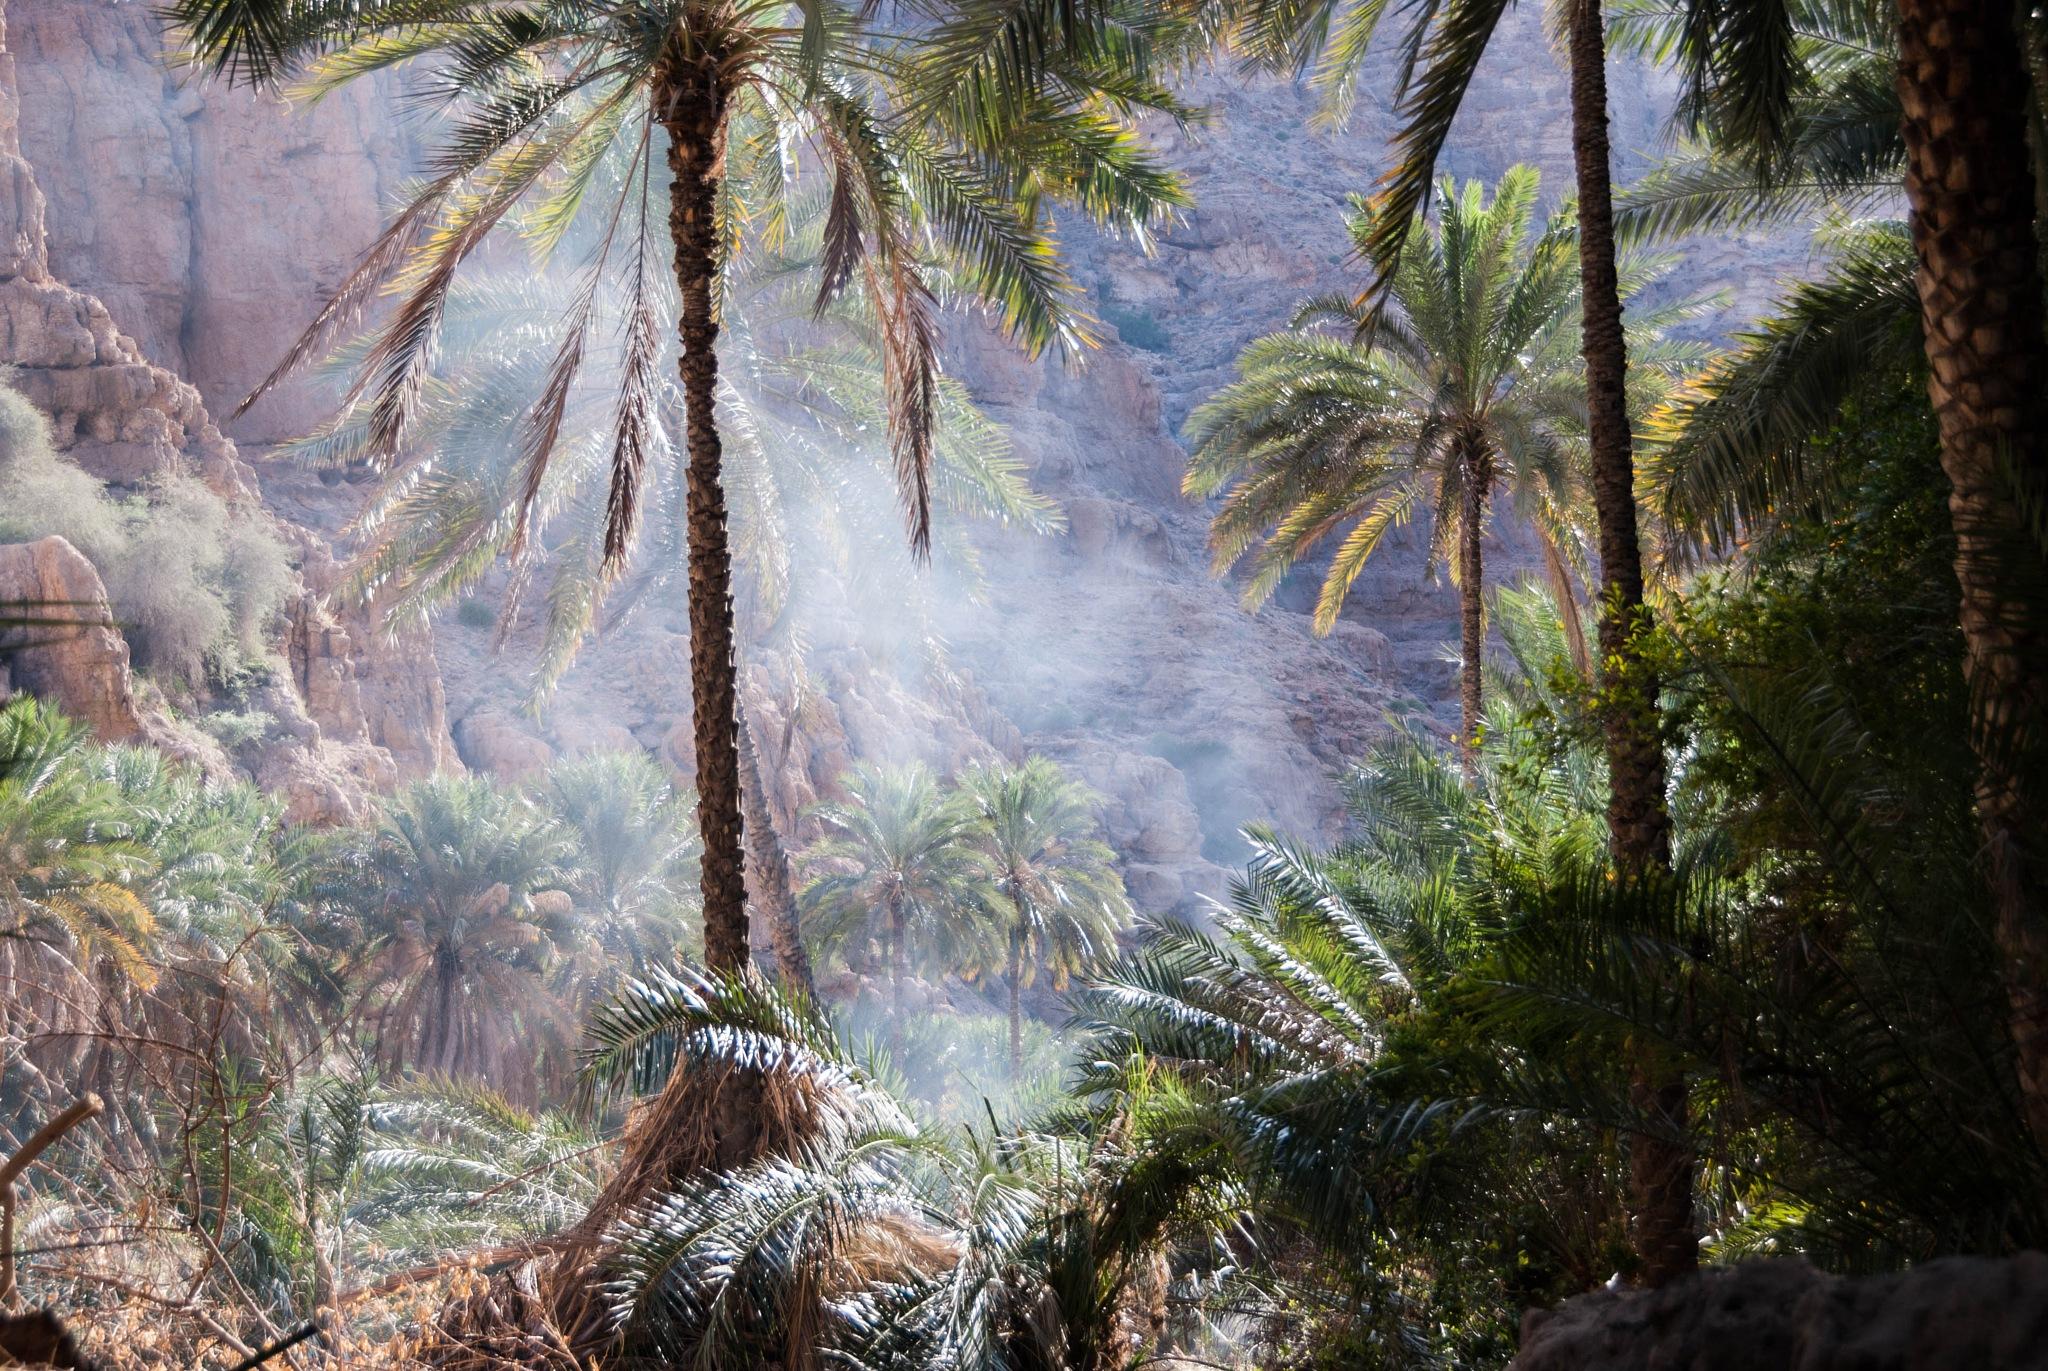 Wadi Oman 2007 by Ruud van Leeuwen